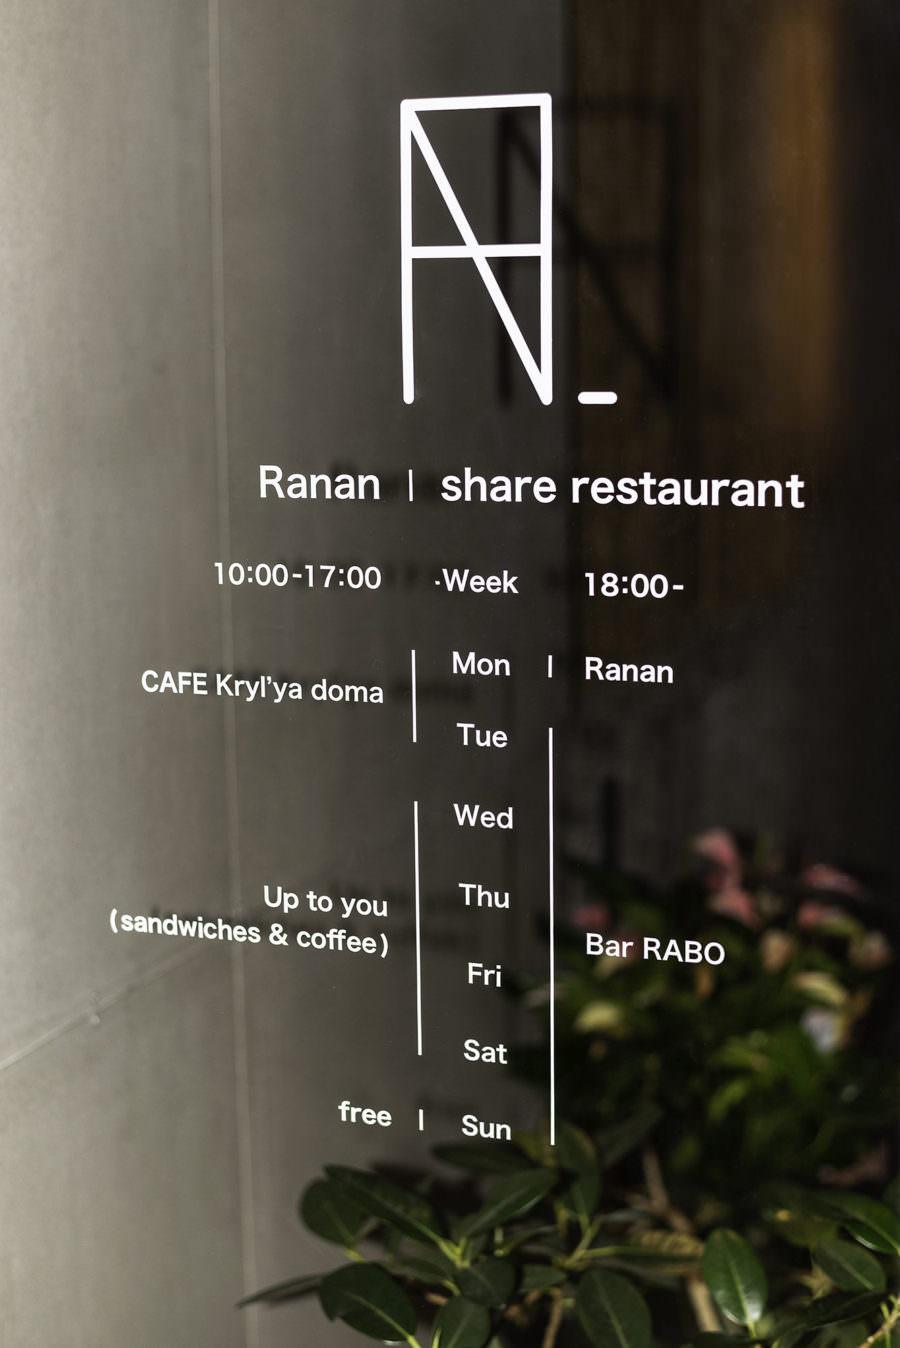 二日市のシェアレストラン / 福岡